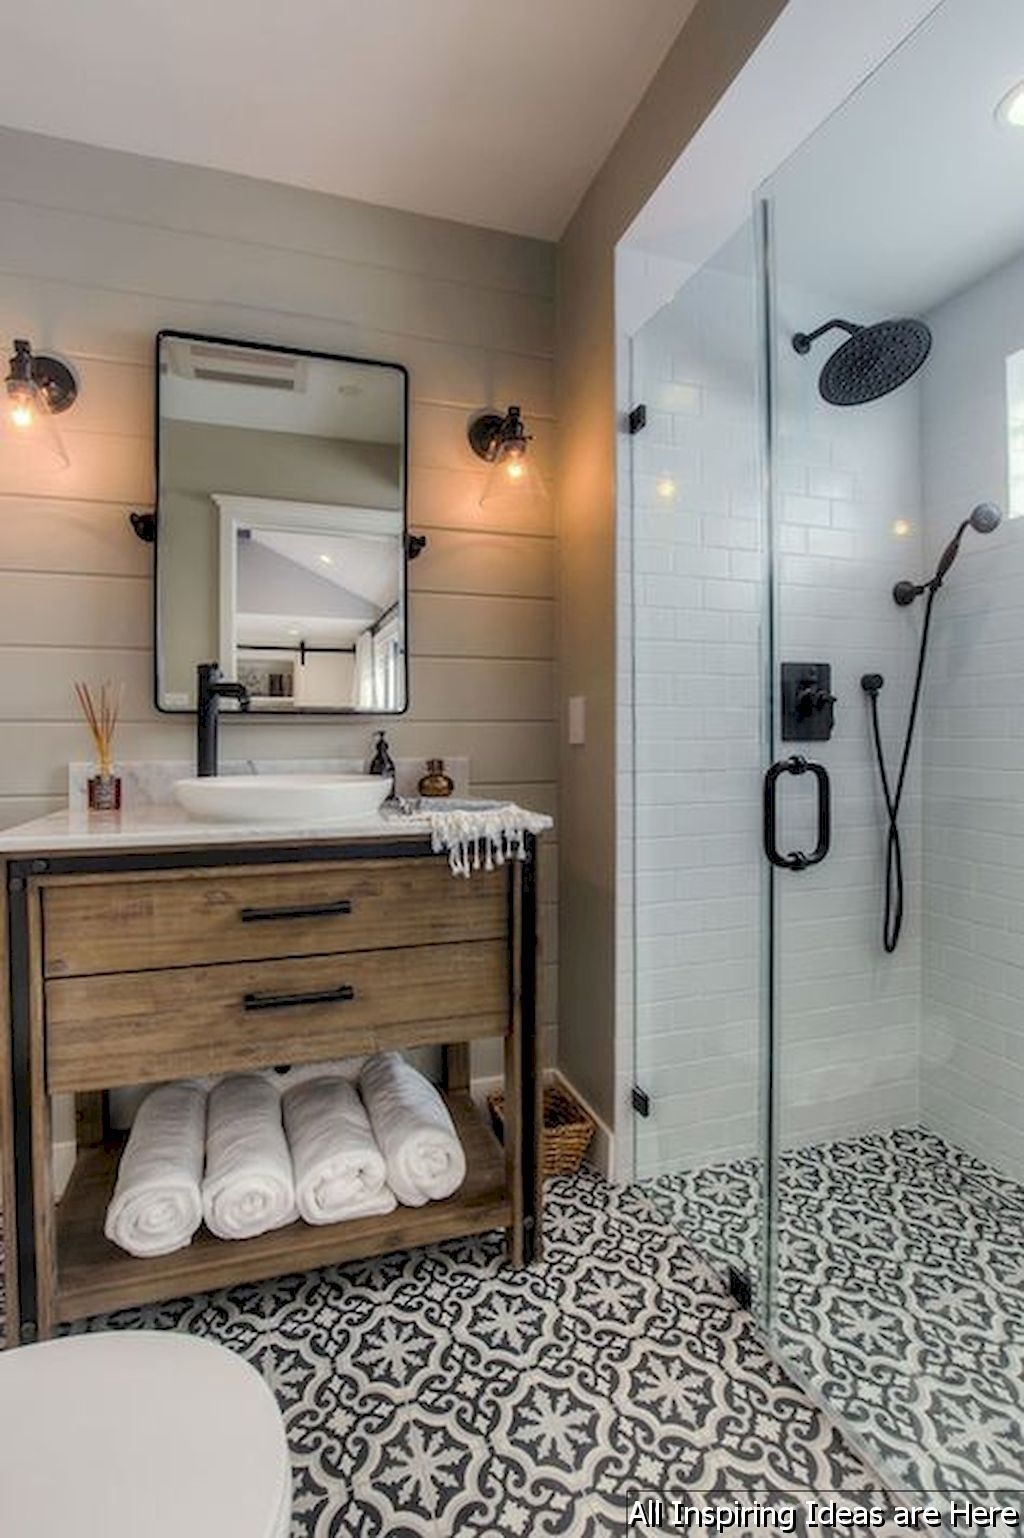 Minimalist Modern Farmhouse Small Bathroom Decor Ideas 5 Bathroom Remodel Master Small Bathroom Remodel Farmhouse Master Bathroom